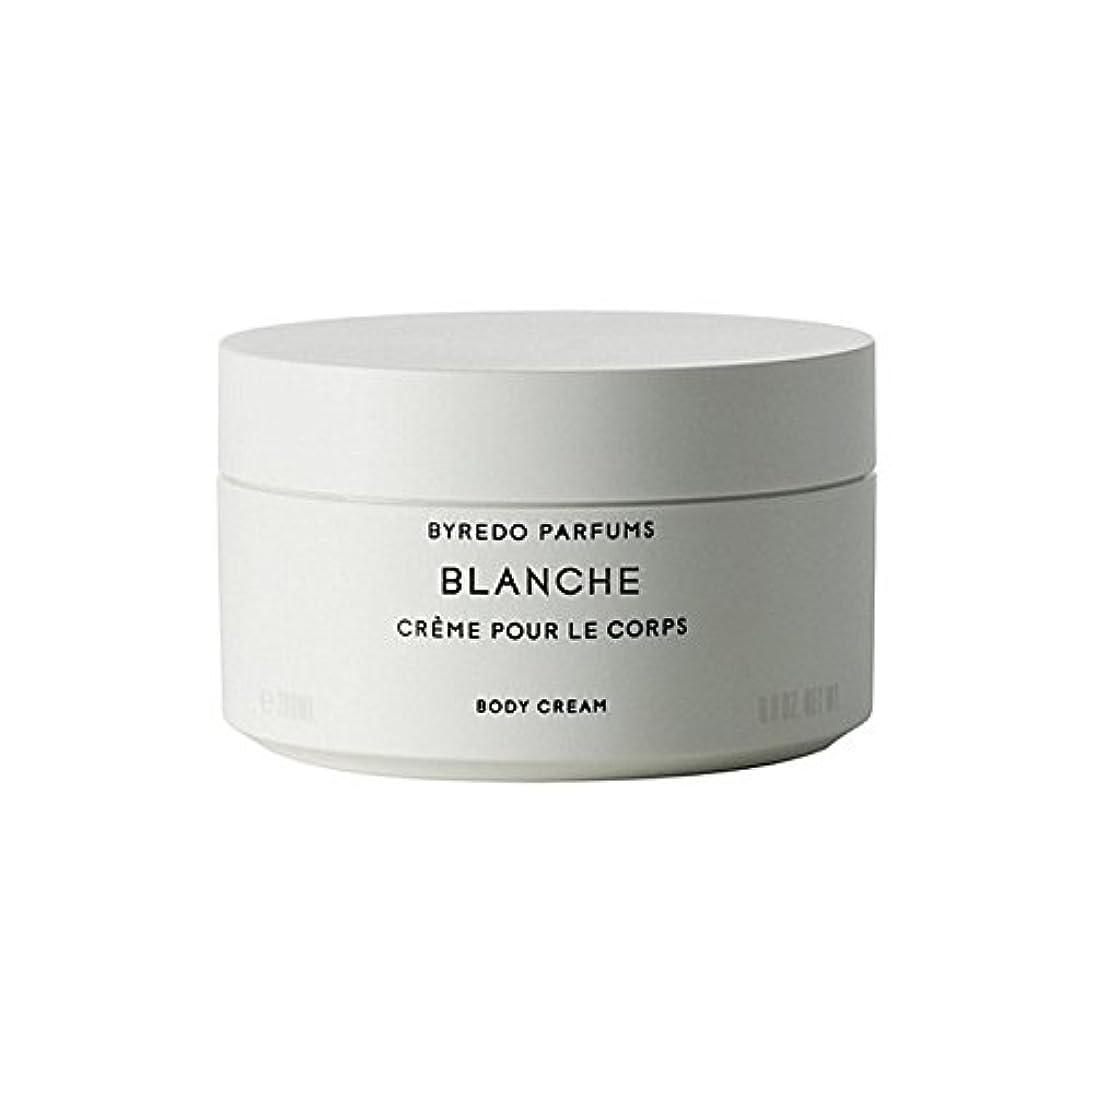 スパイスリーブ種類Byredo Blanche Body Cream 200ml (Pack of 6) - ブランシュボディクリーム200ミリリットル x6 [並行輸入品]